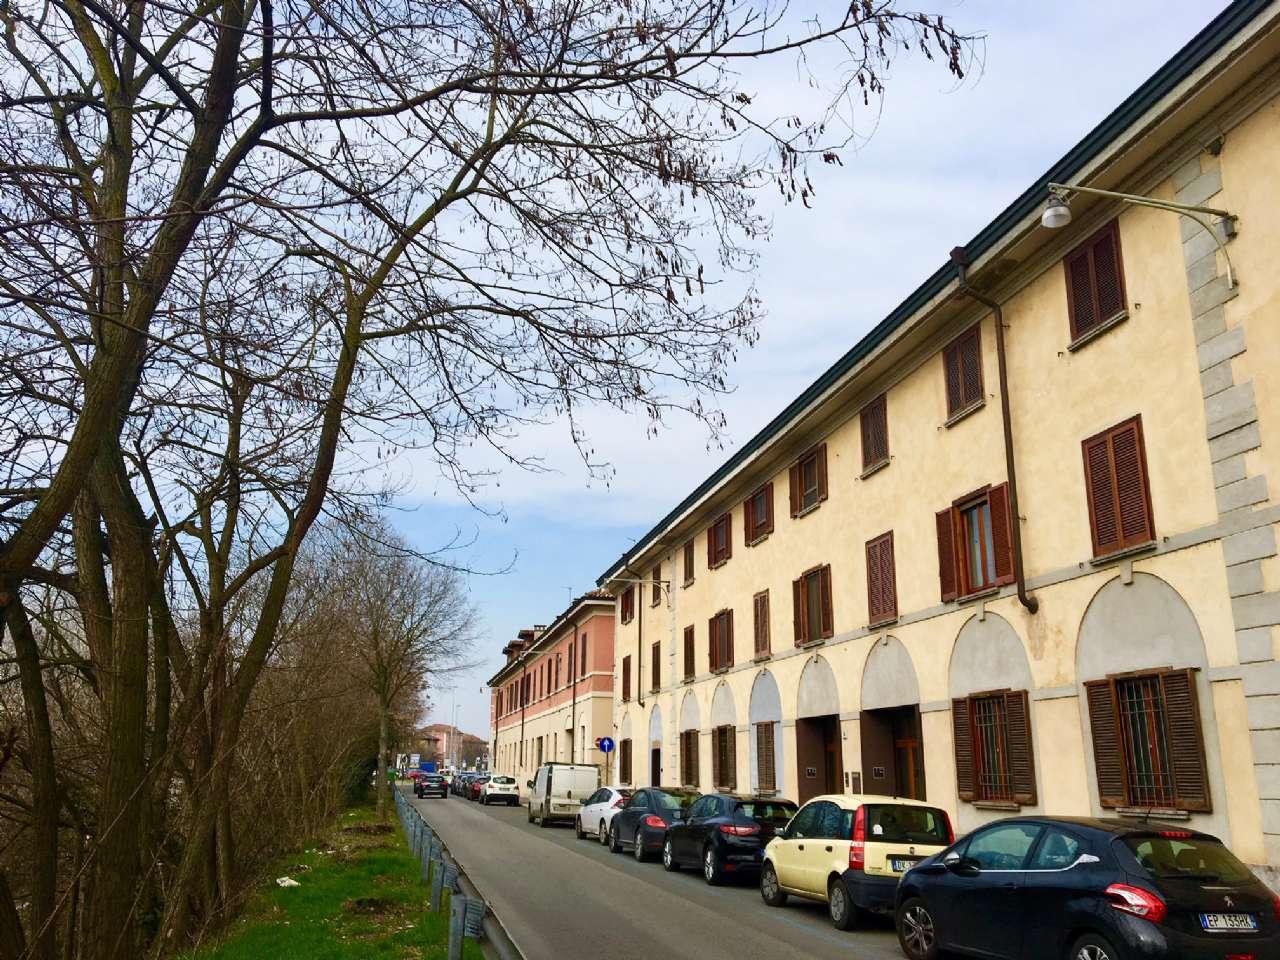 Ufficio / Studio in vendita a Pavia, 6 locali, prezzo € 350.000 | CambioCasa.it